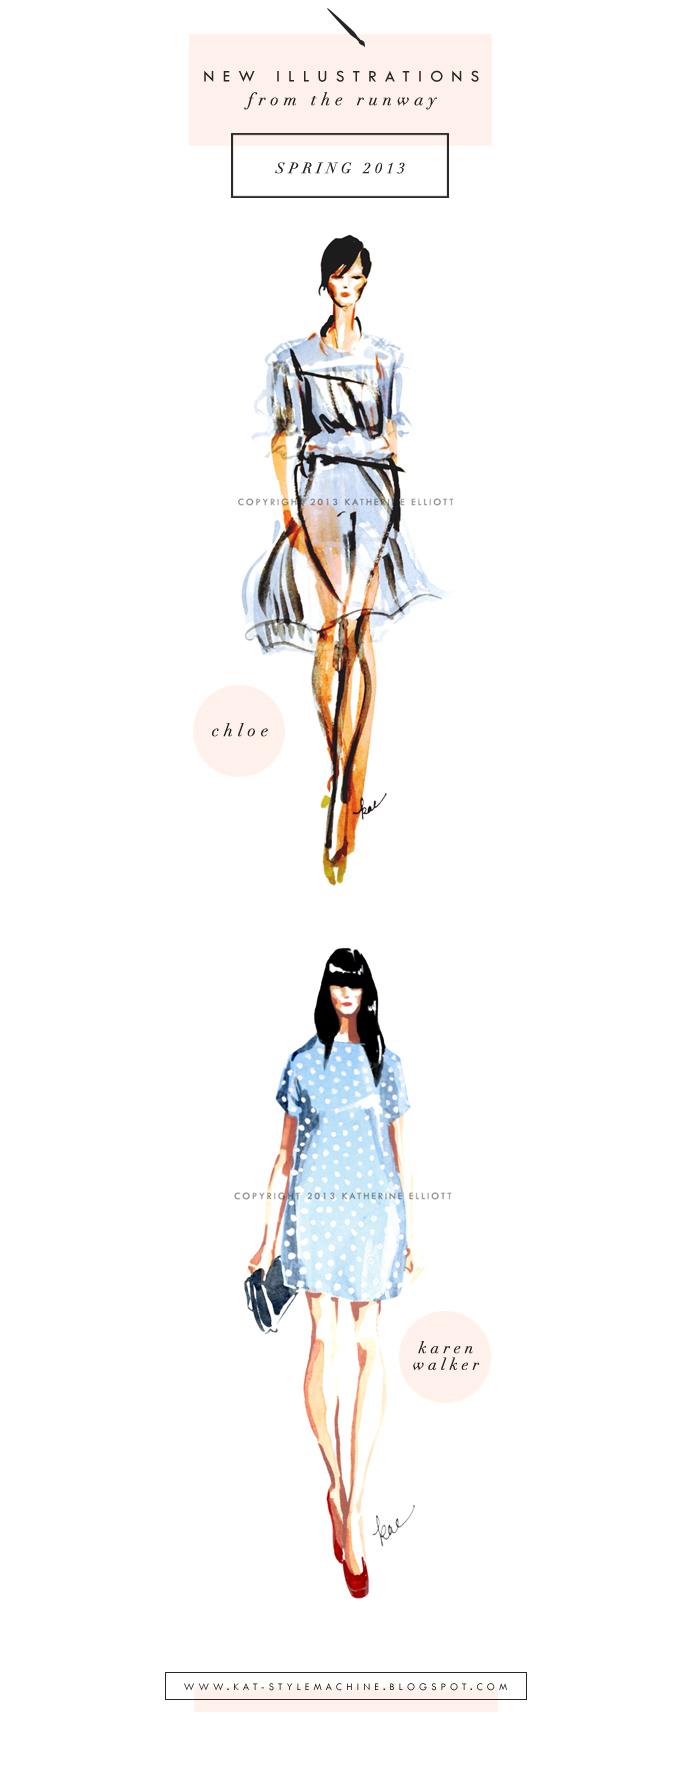 fashion illustration runway shows spring 2013 karen walker and chloe dresses